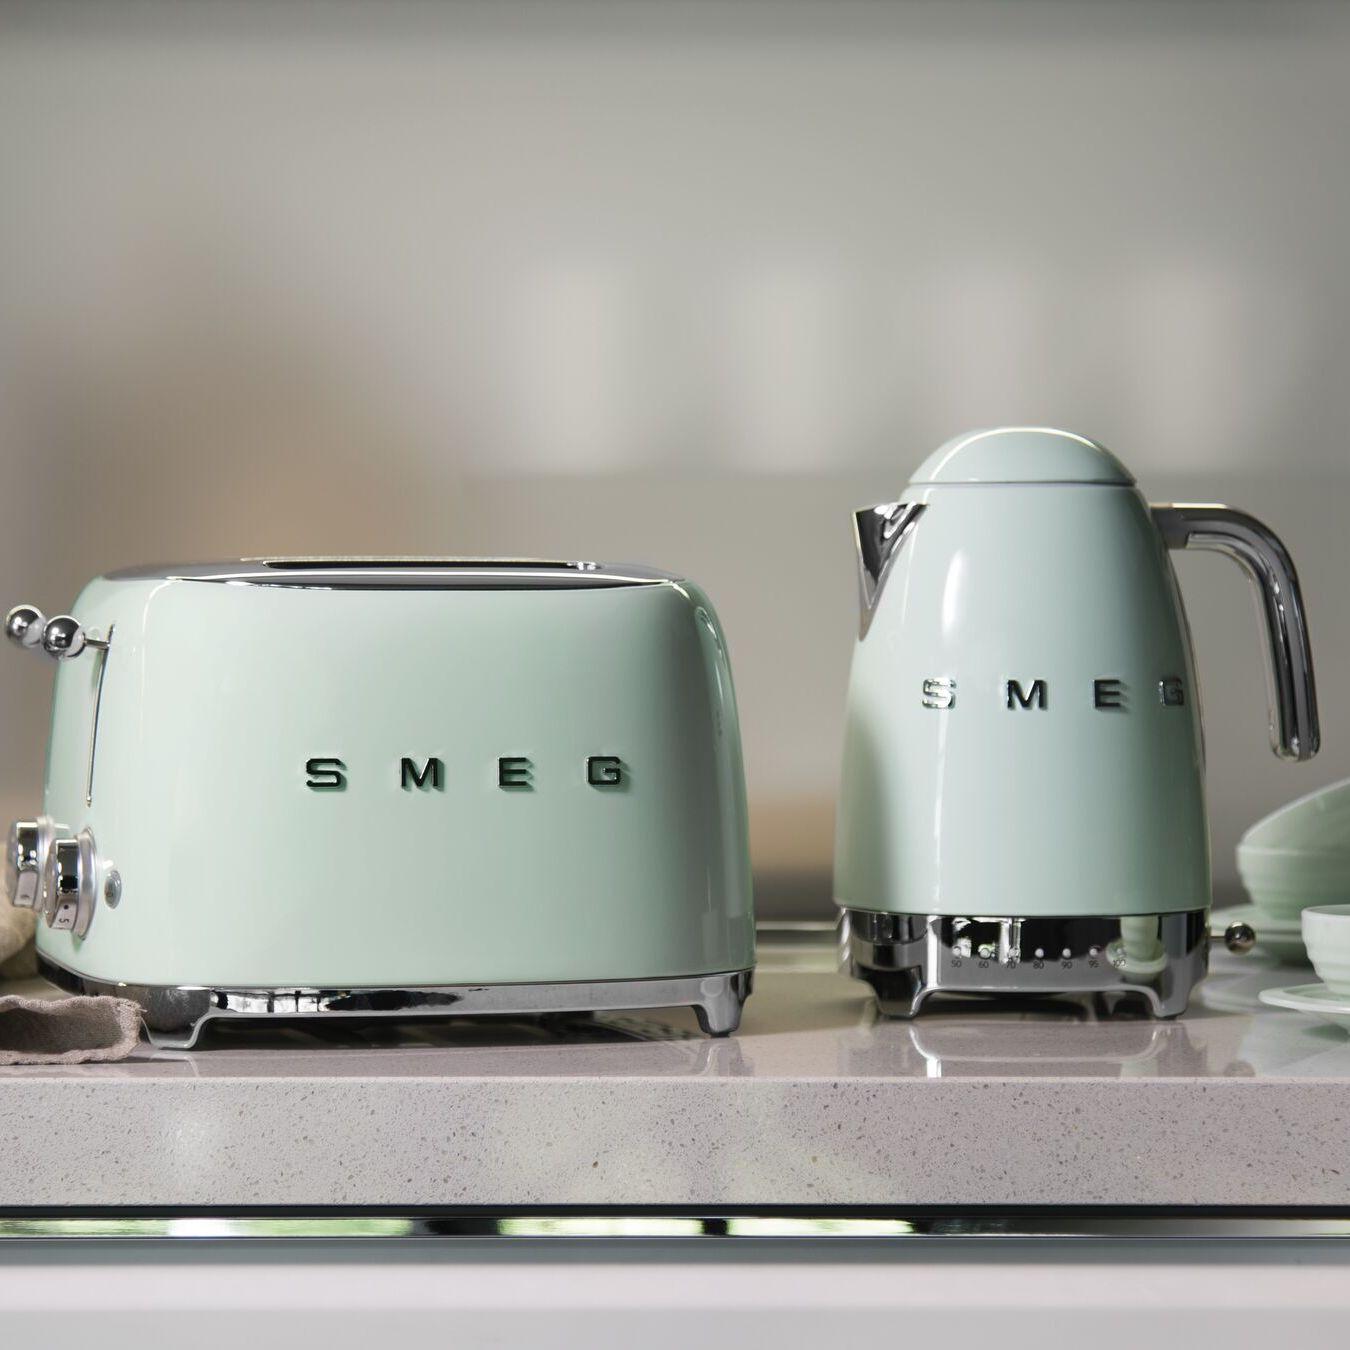 Küchengeräte in mint & anderen Farben: SMEG Wasserkocher und Toaster für je 110,25€ inkl. Versand